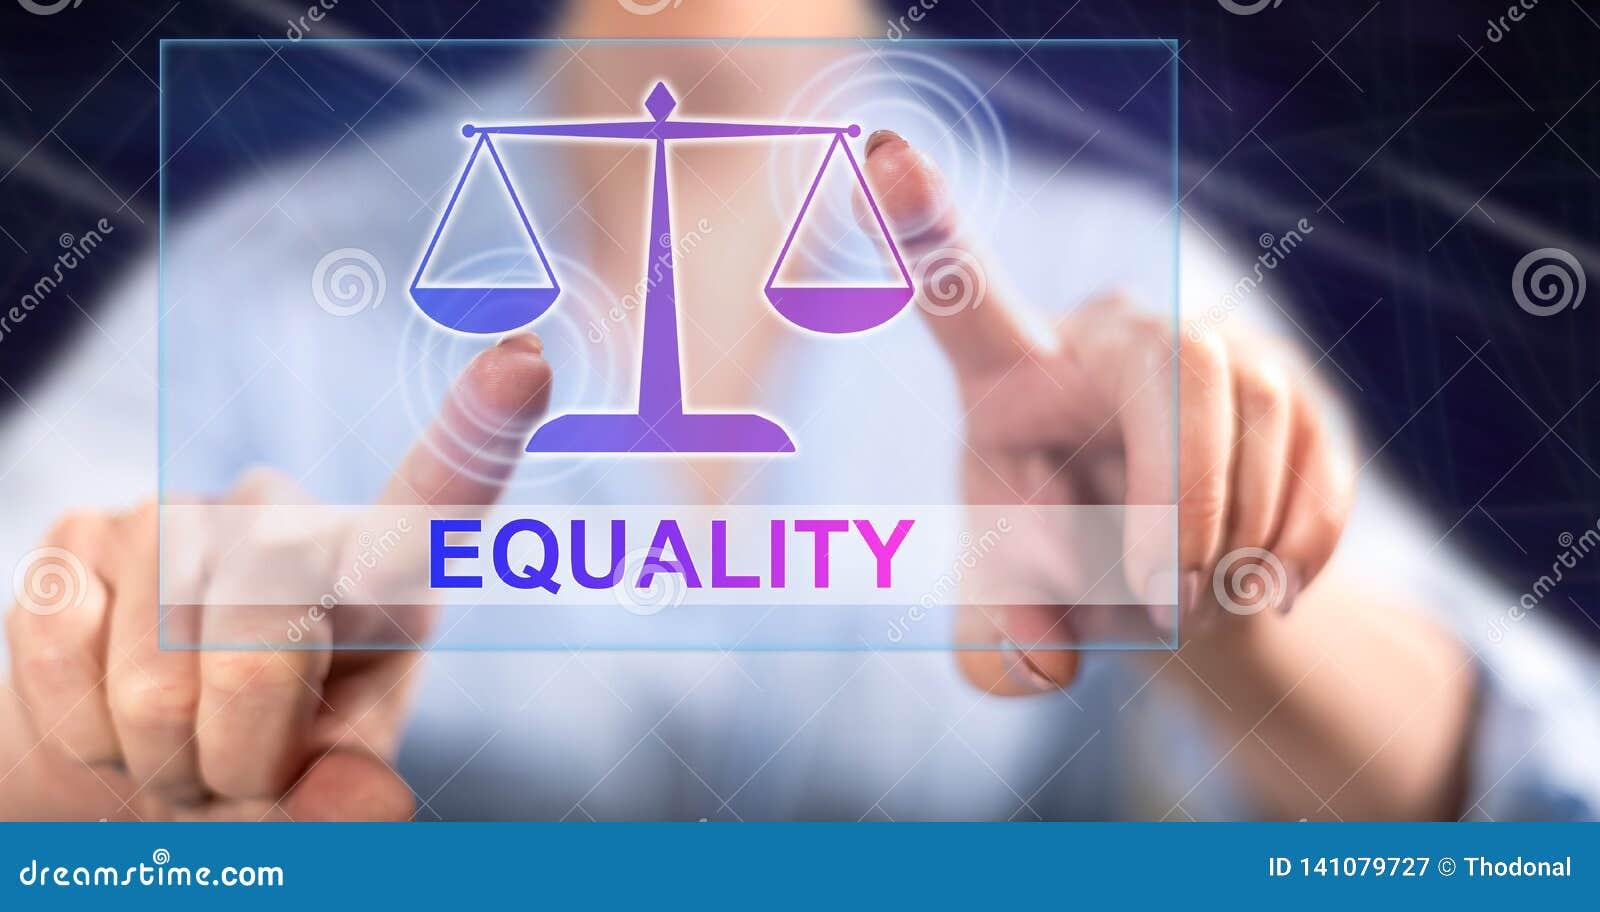 接触平等概念的妇女